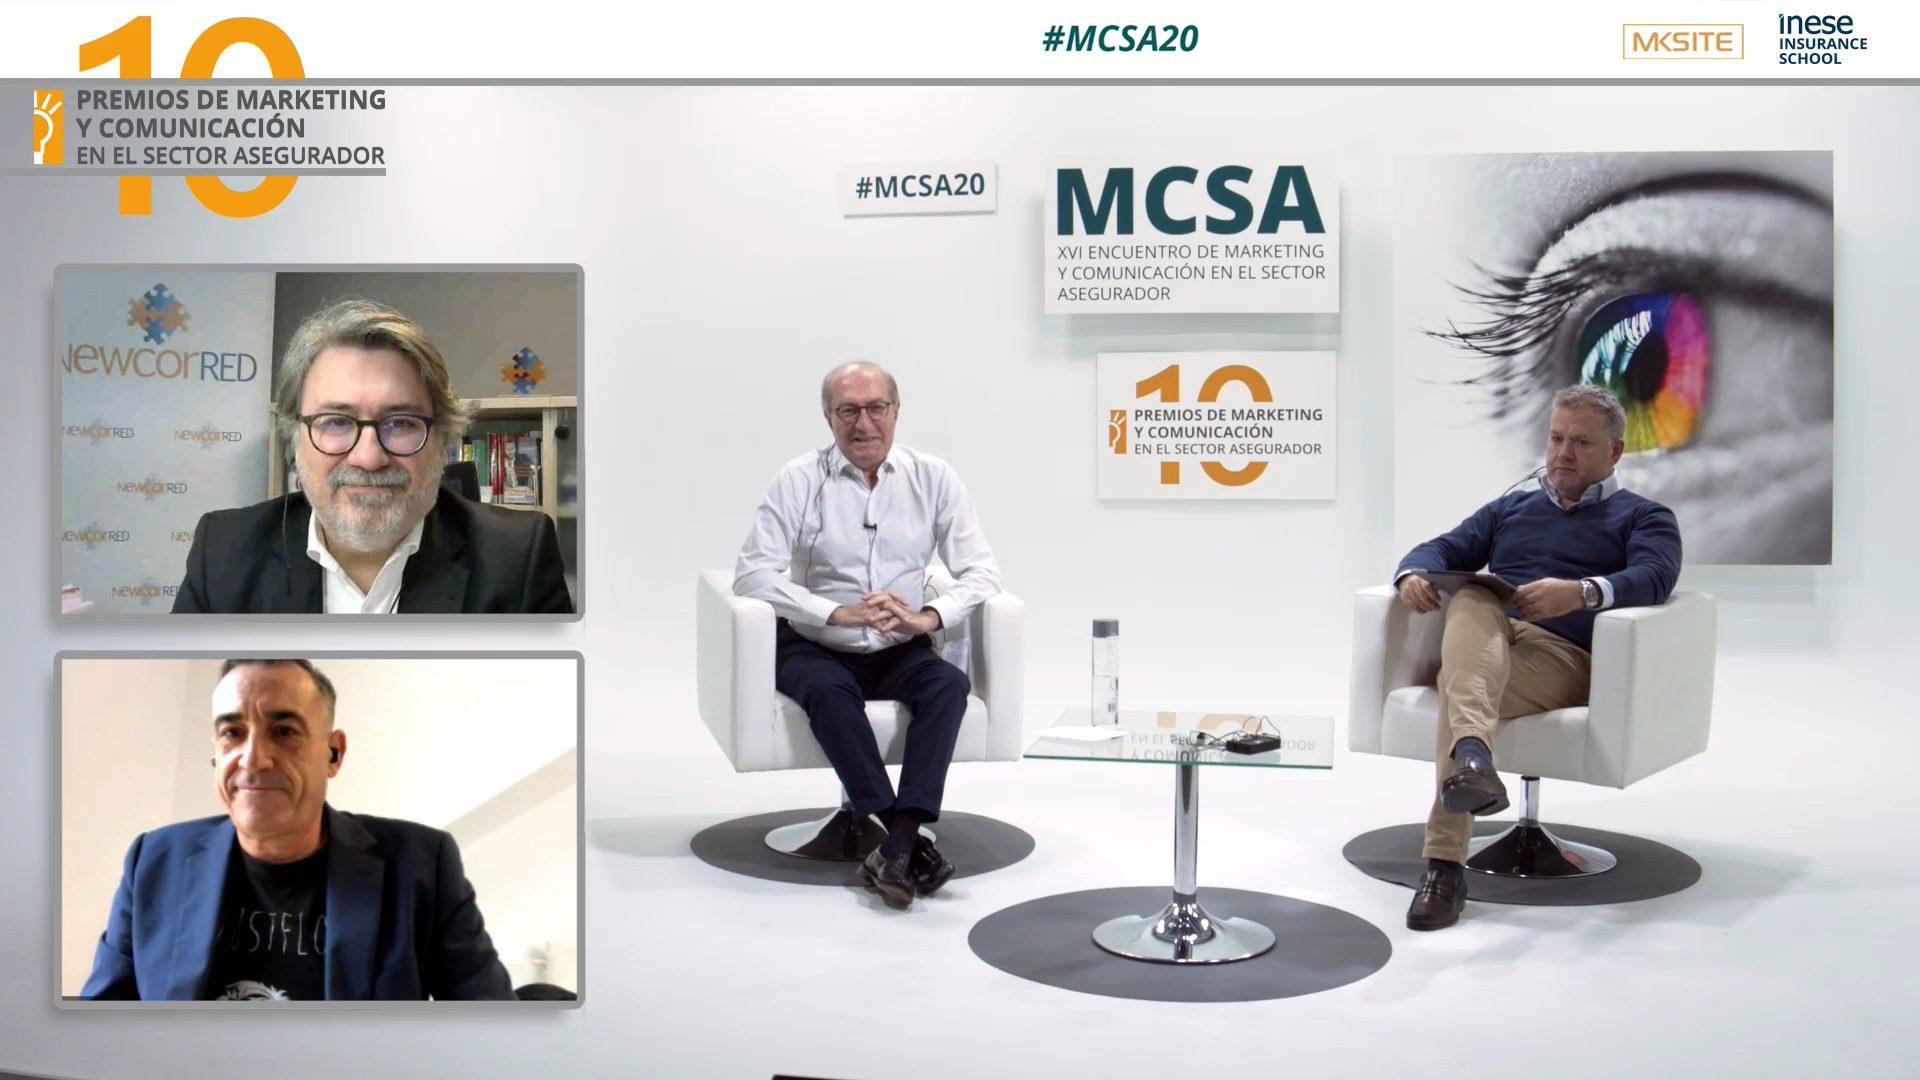 Los premiados junto a Ramón Albiol y José Luis Casal, en el plató